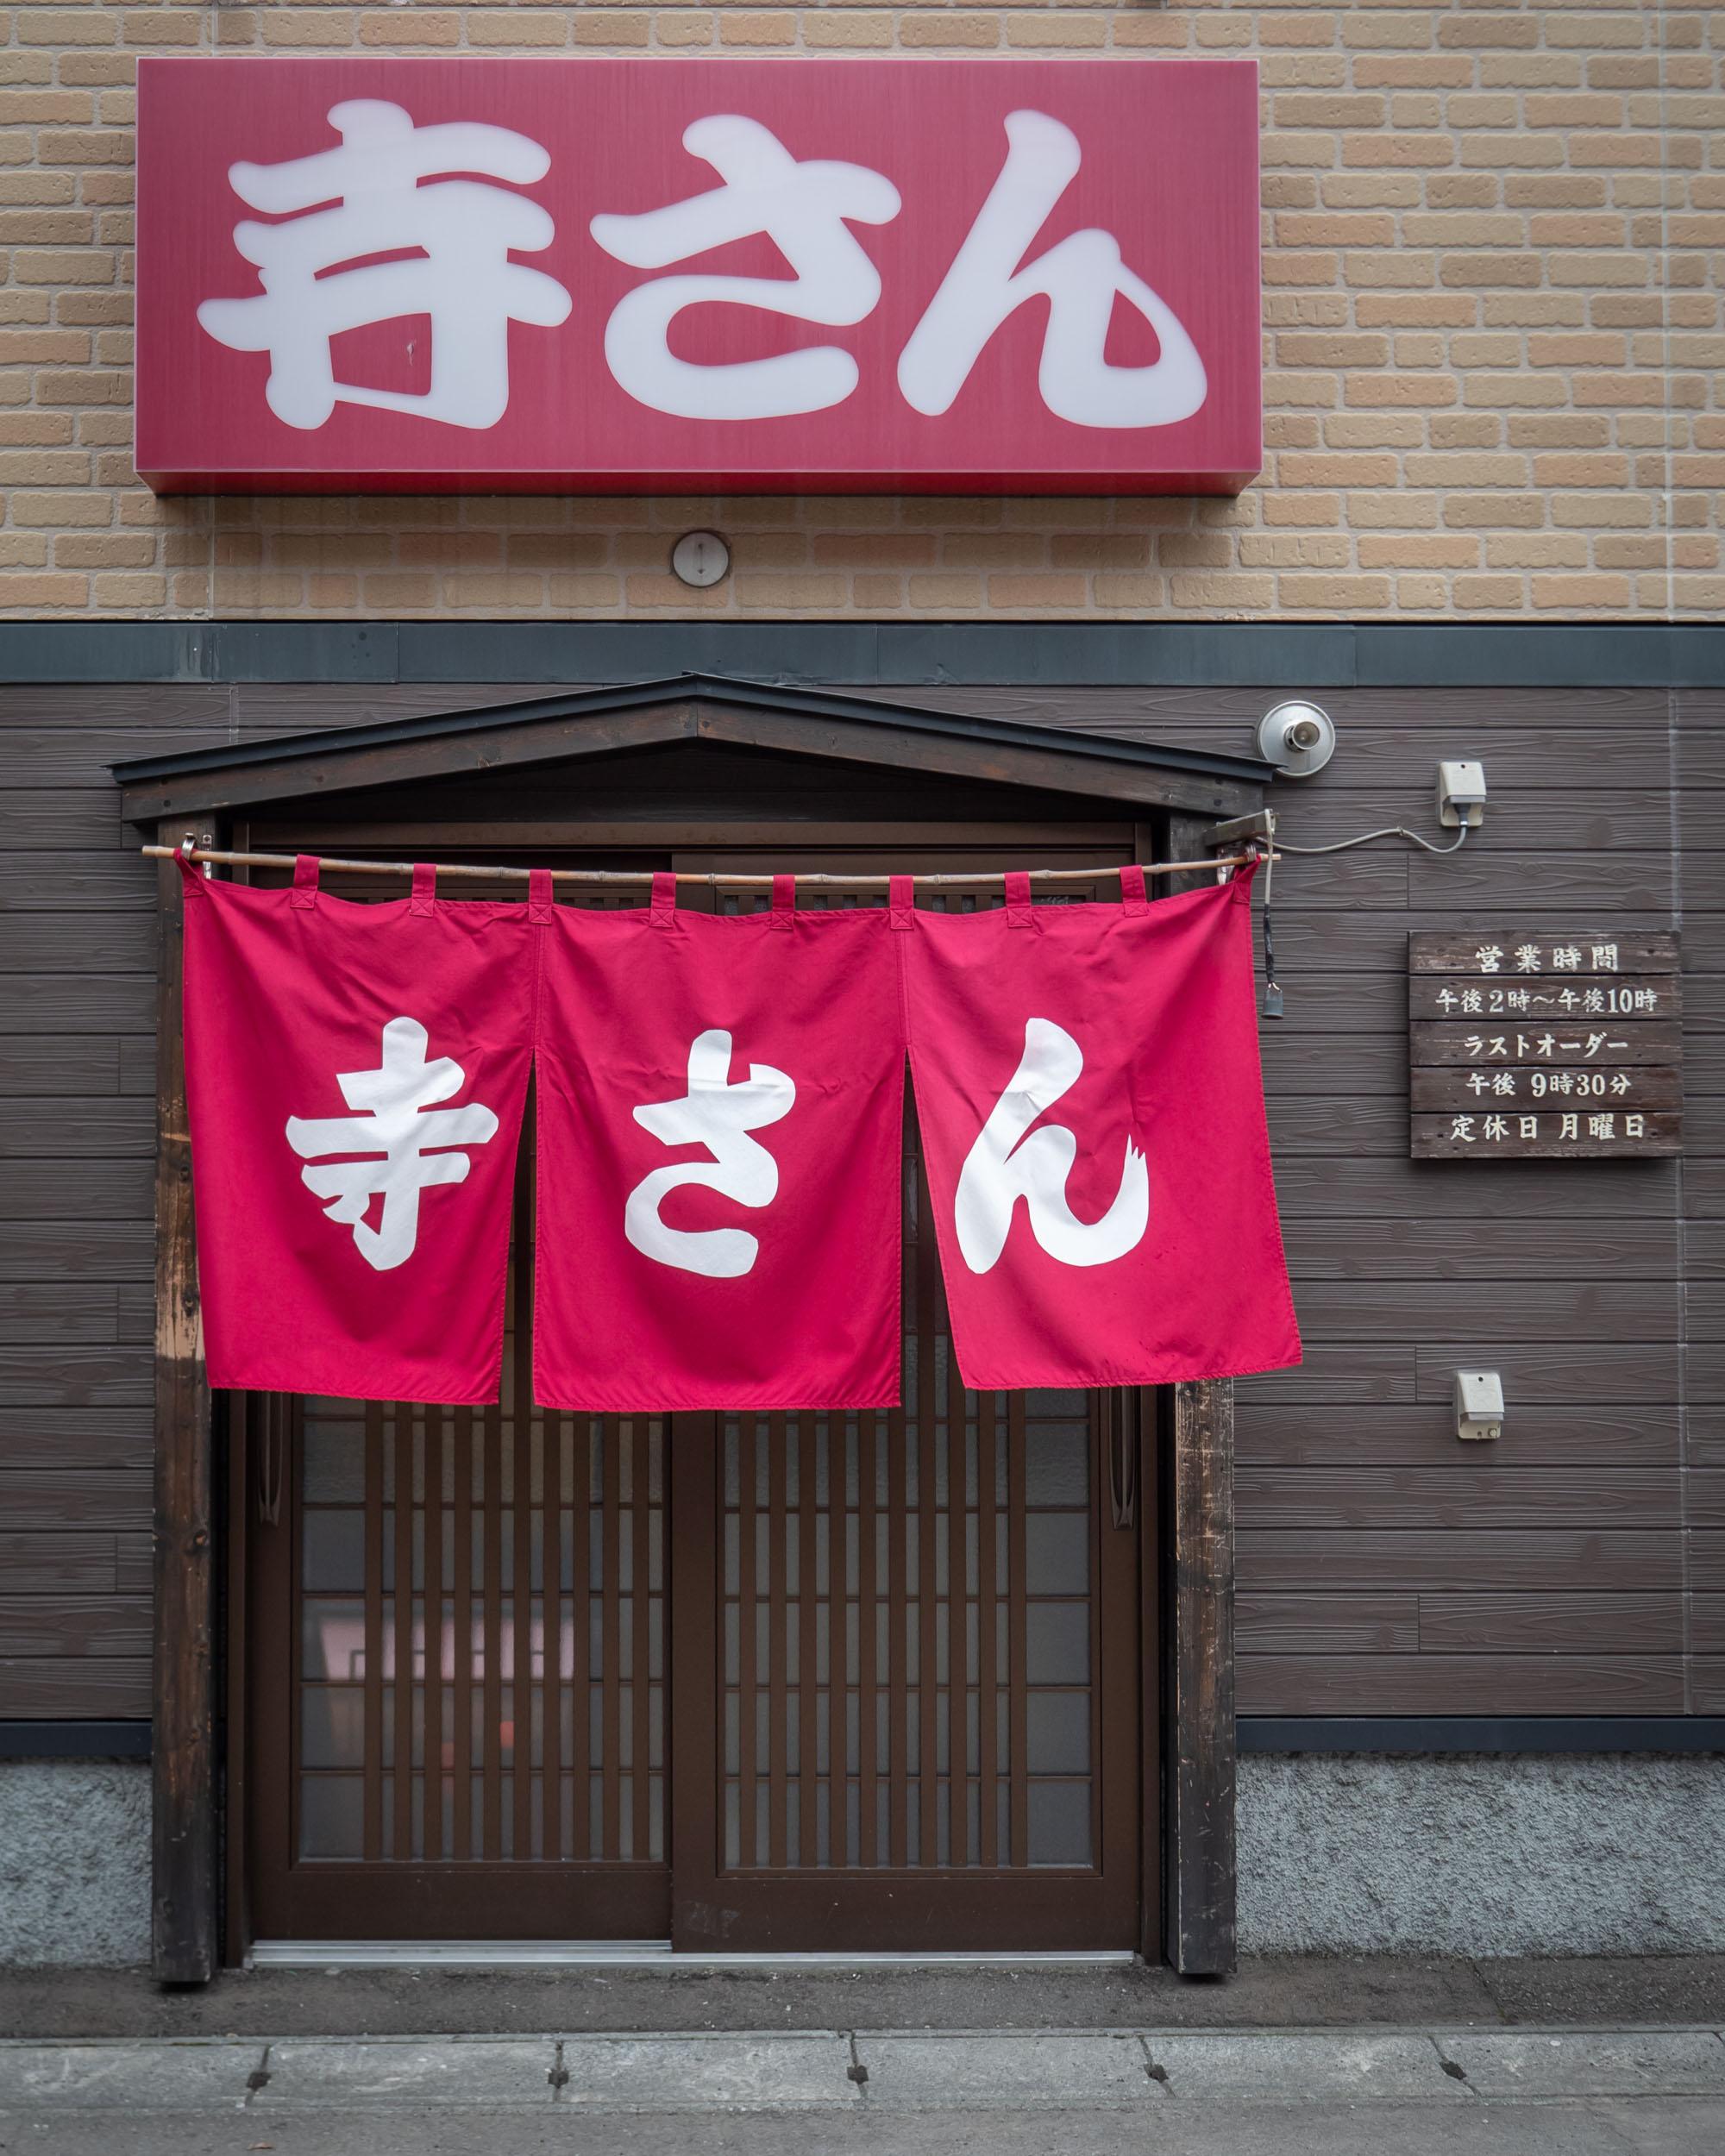 小樽市花園3丁目のやきとり居酒屋「寺さん」 DMC-GX8 + LEICA DG 12-60mm